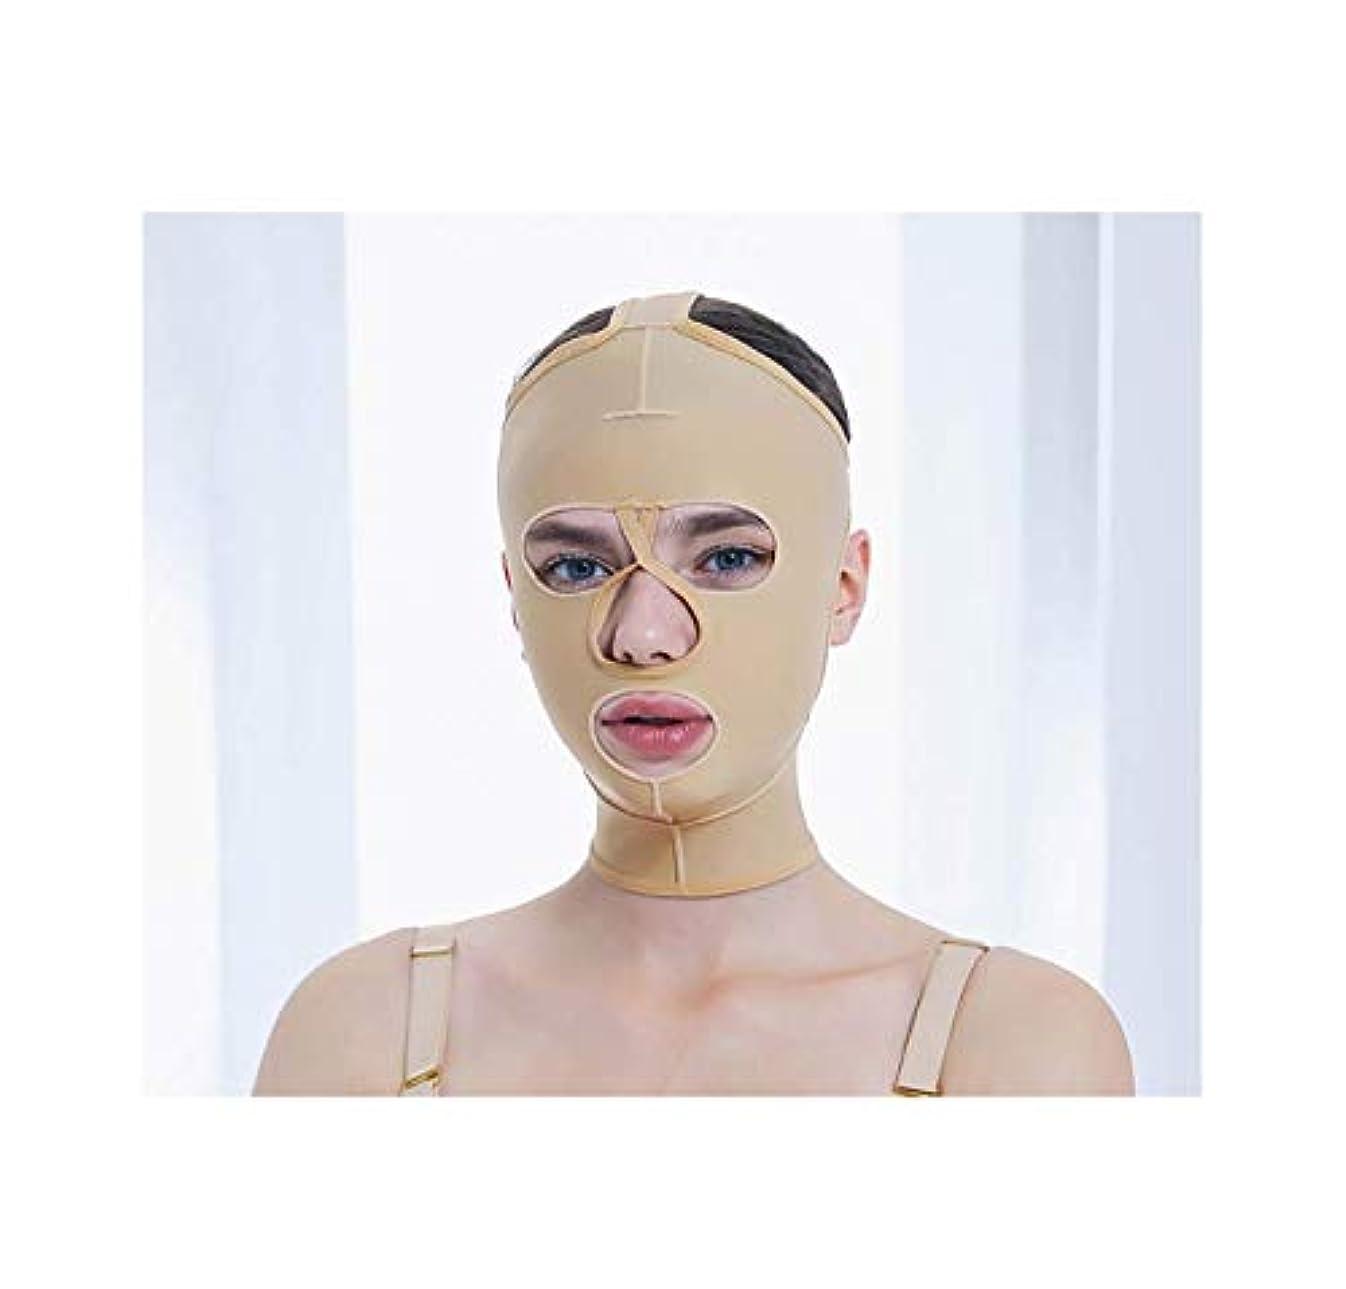 原因トラック寛容なフェイス&ネックリフト、減量フェイスマスク脂肪吸引術脂肪吸引整形マスクフードフェイスリフティングアーティファクトVフェイスビームフェイス弾性スリーブ(サイズ:XS),XXL